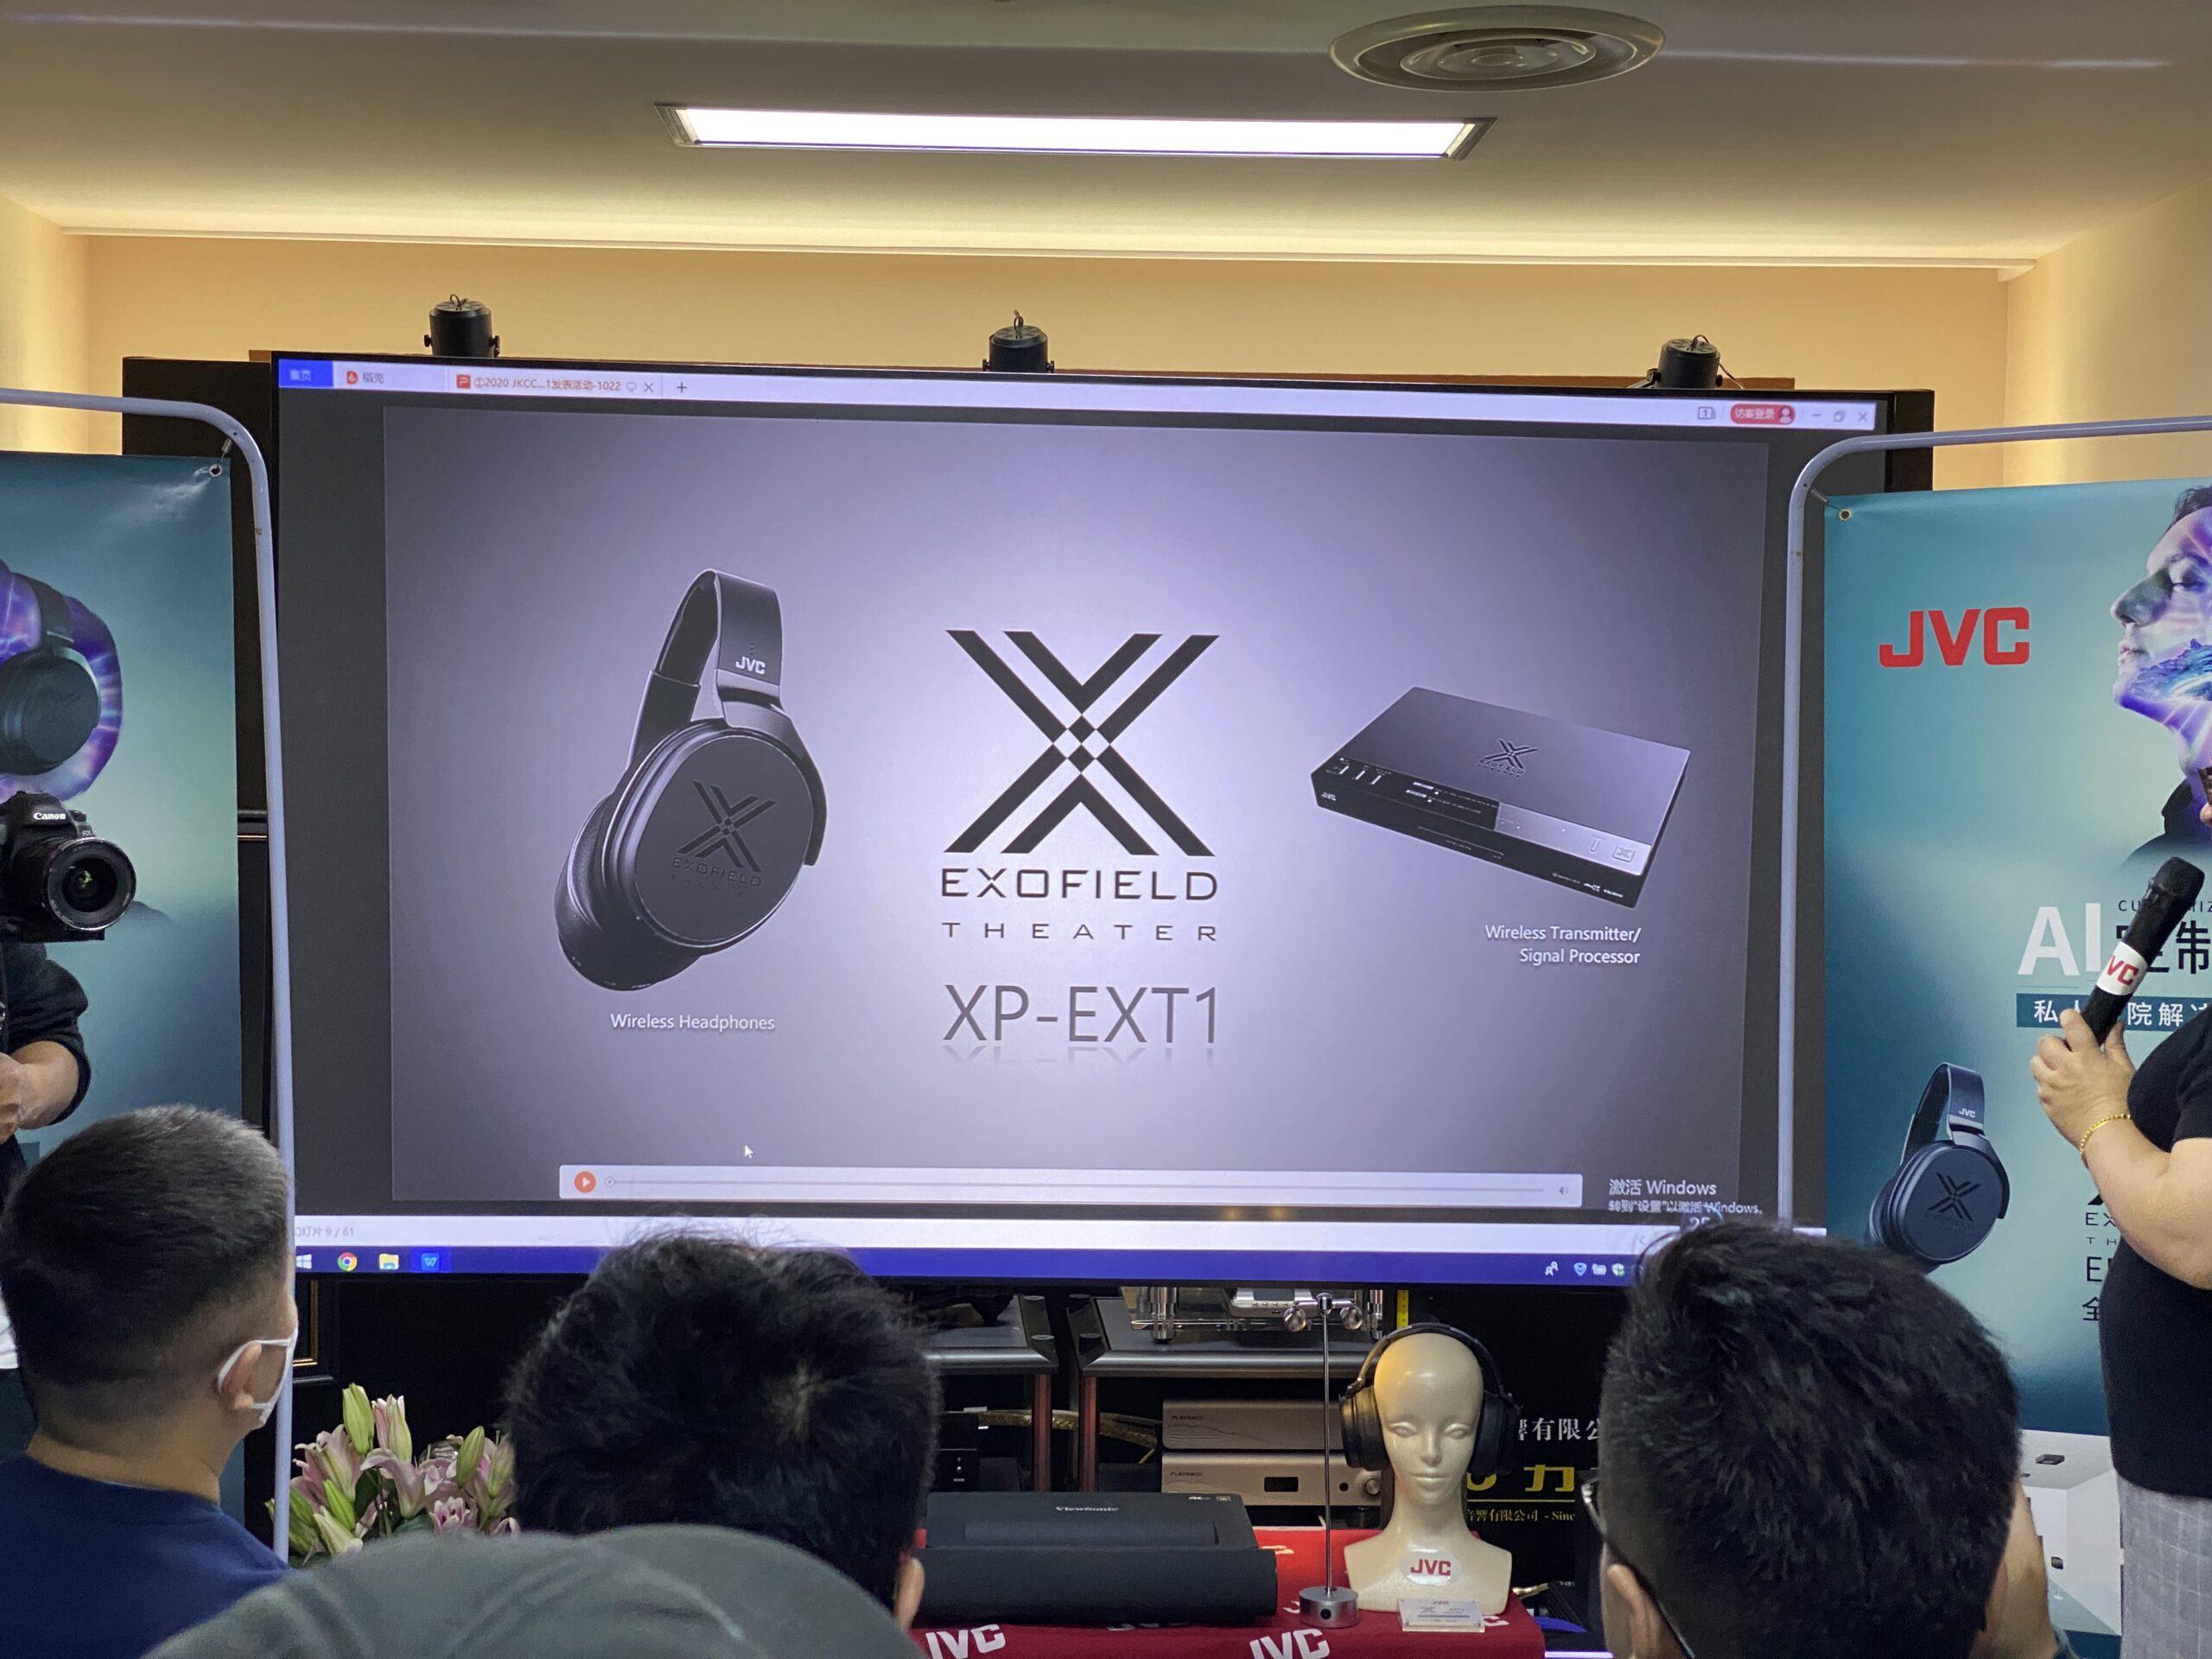 发布 JVC推出AI定制化私人影院解决方案,搭载EXOFIELD声场定位技术